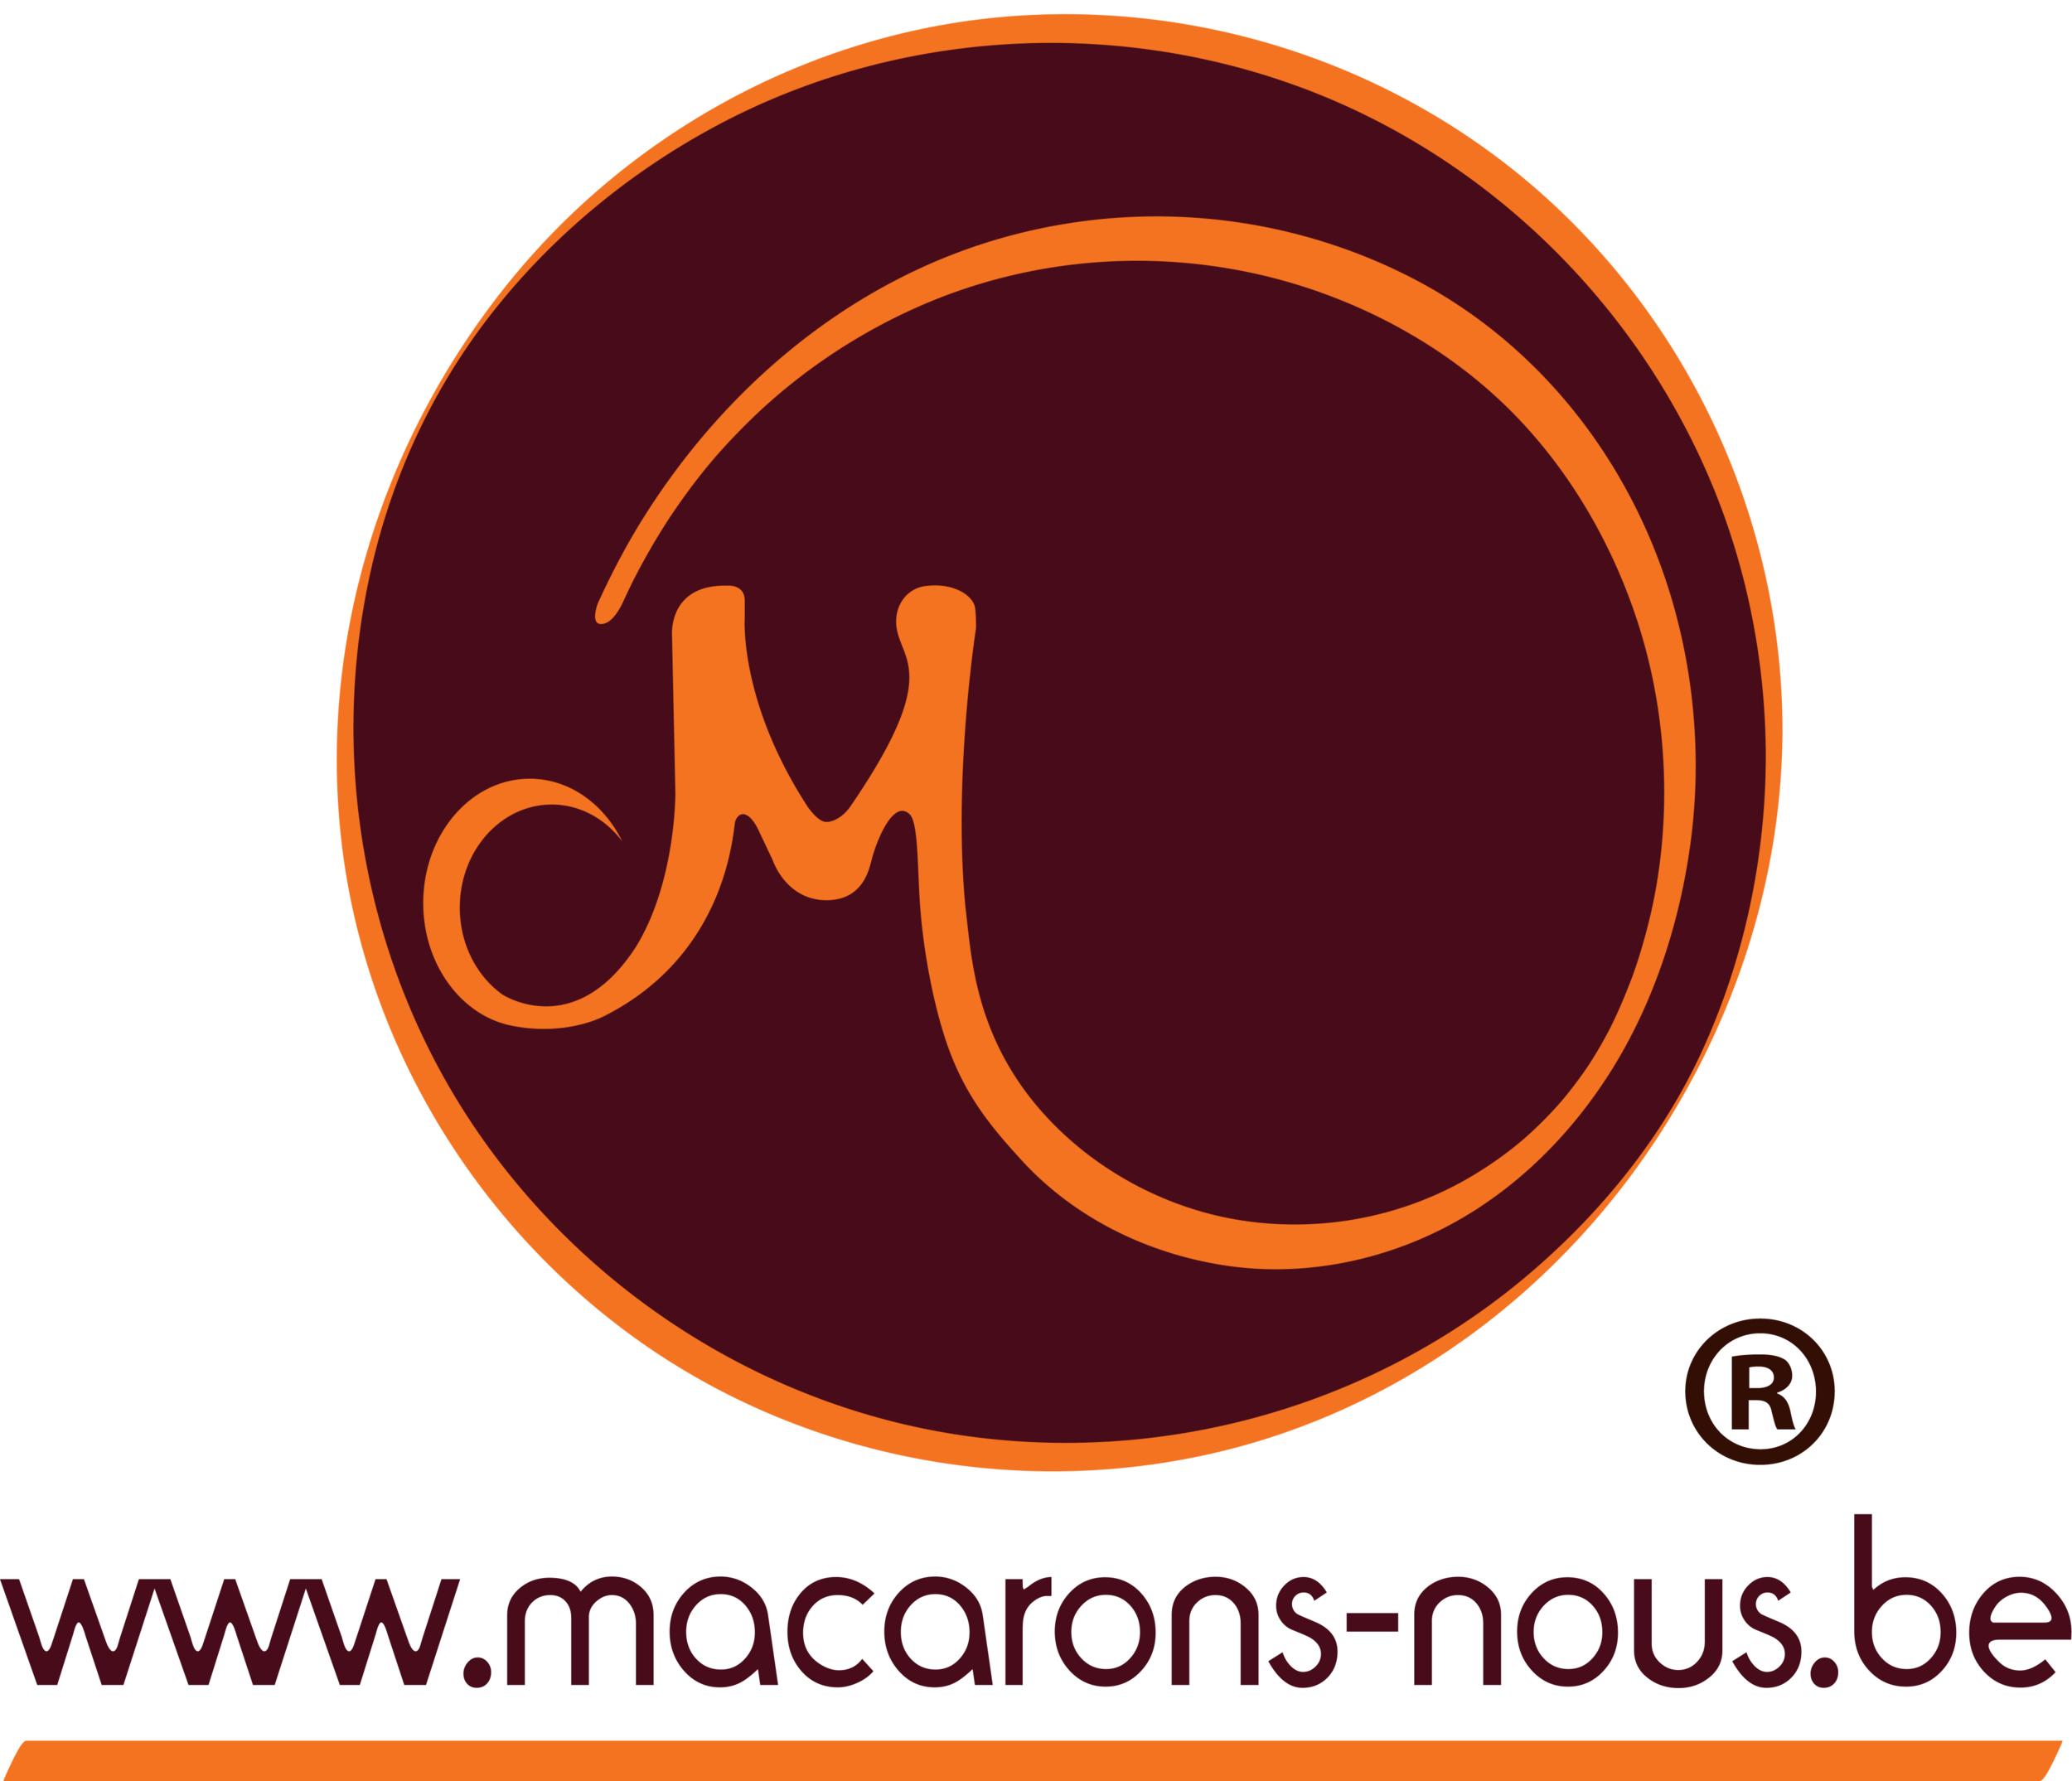 Macarons-Nous!®